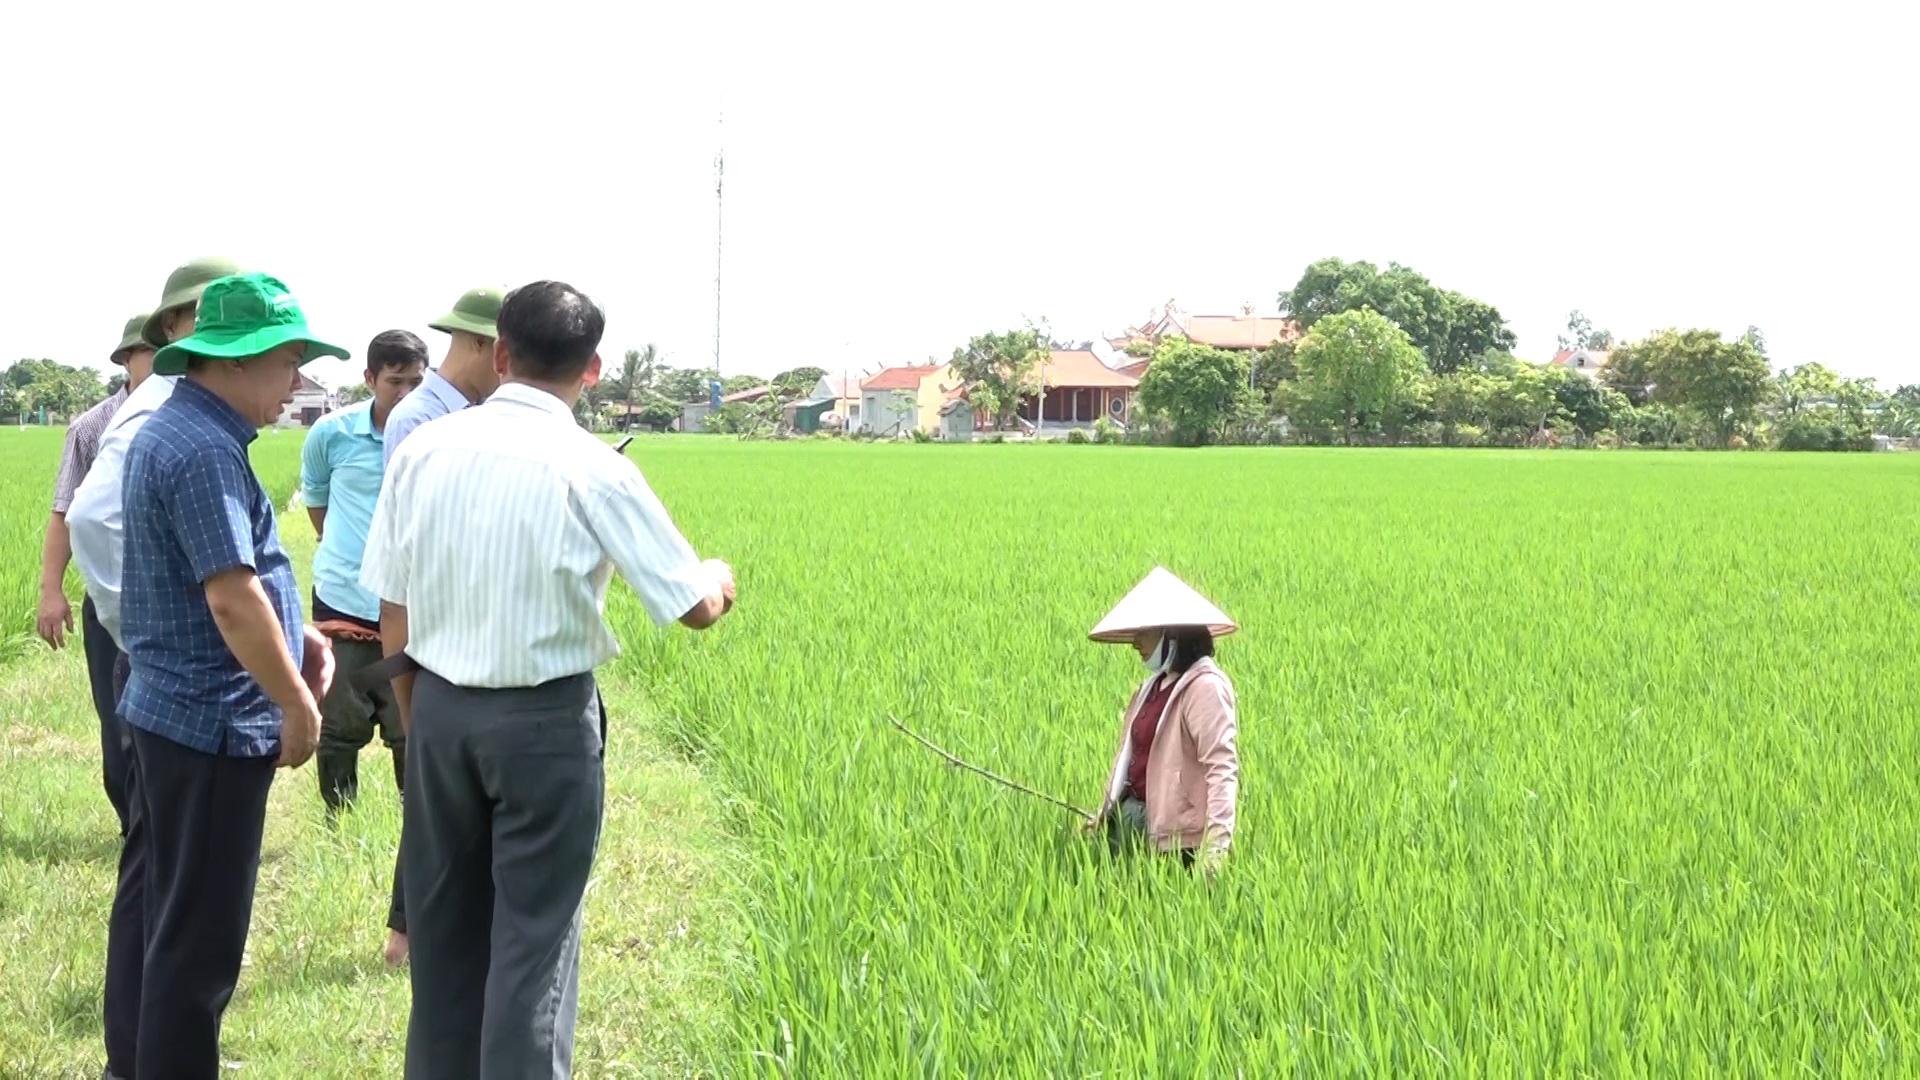 ĐBSH xuất hiện dịch bệnh hại trên lúa, Cục BVTV yêu cầu các tỉnh tập trung bảo vệ 840.000ha lúa - Ảnh 2.